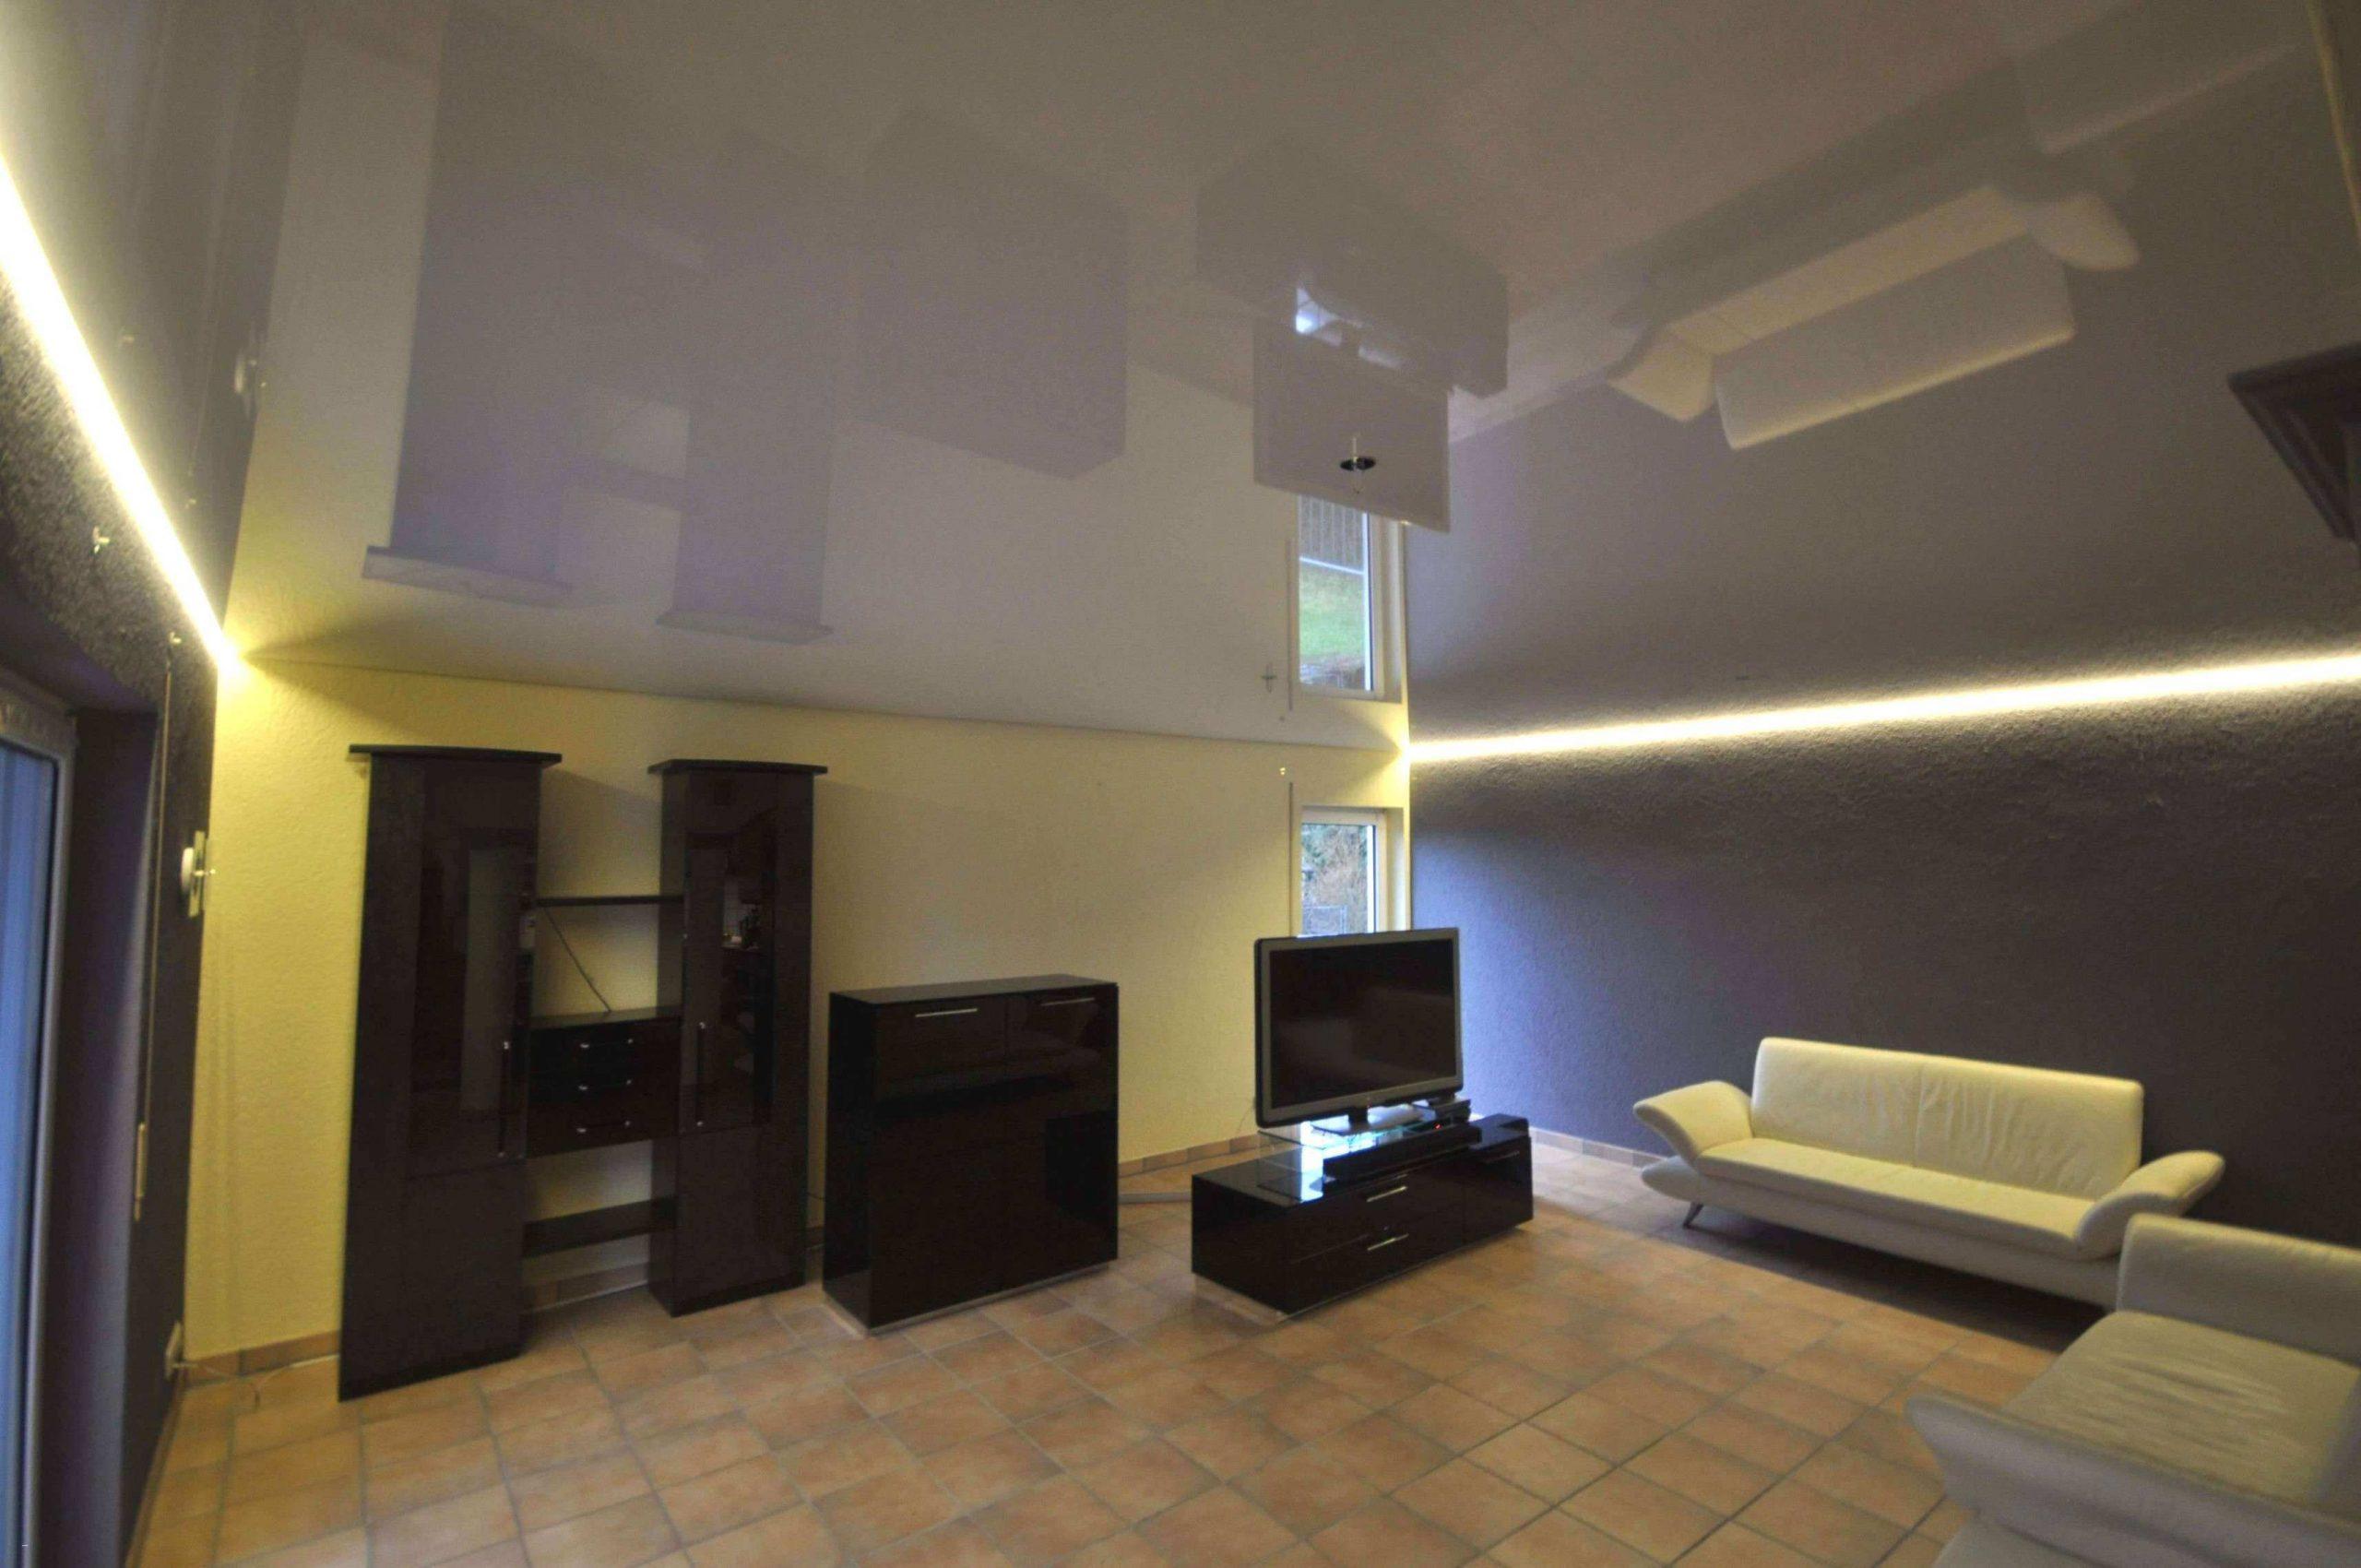 Full Size of Wohnzimmer Deckenleuchten Modern Dimmbar Design Led Messing Ikea Ideen Deckenleuchte Schoumln 50 Tolle Von Lampen Deckenlampe Deckenstrahler Tapeten Wohnzimmer Wohnzimmer Deckenleuchten